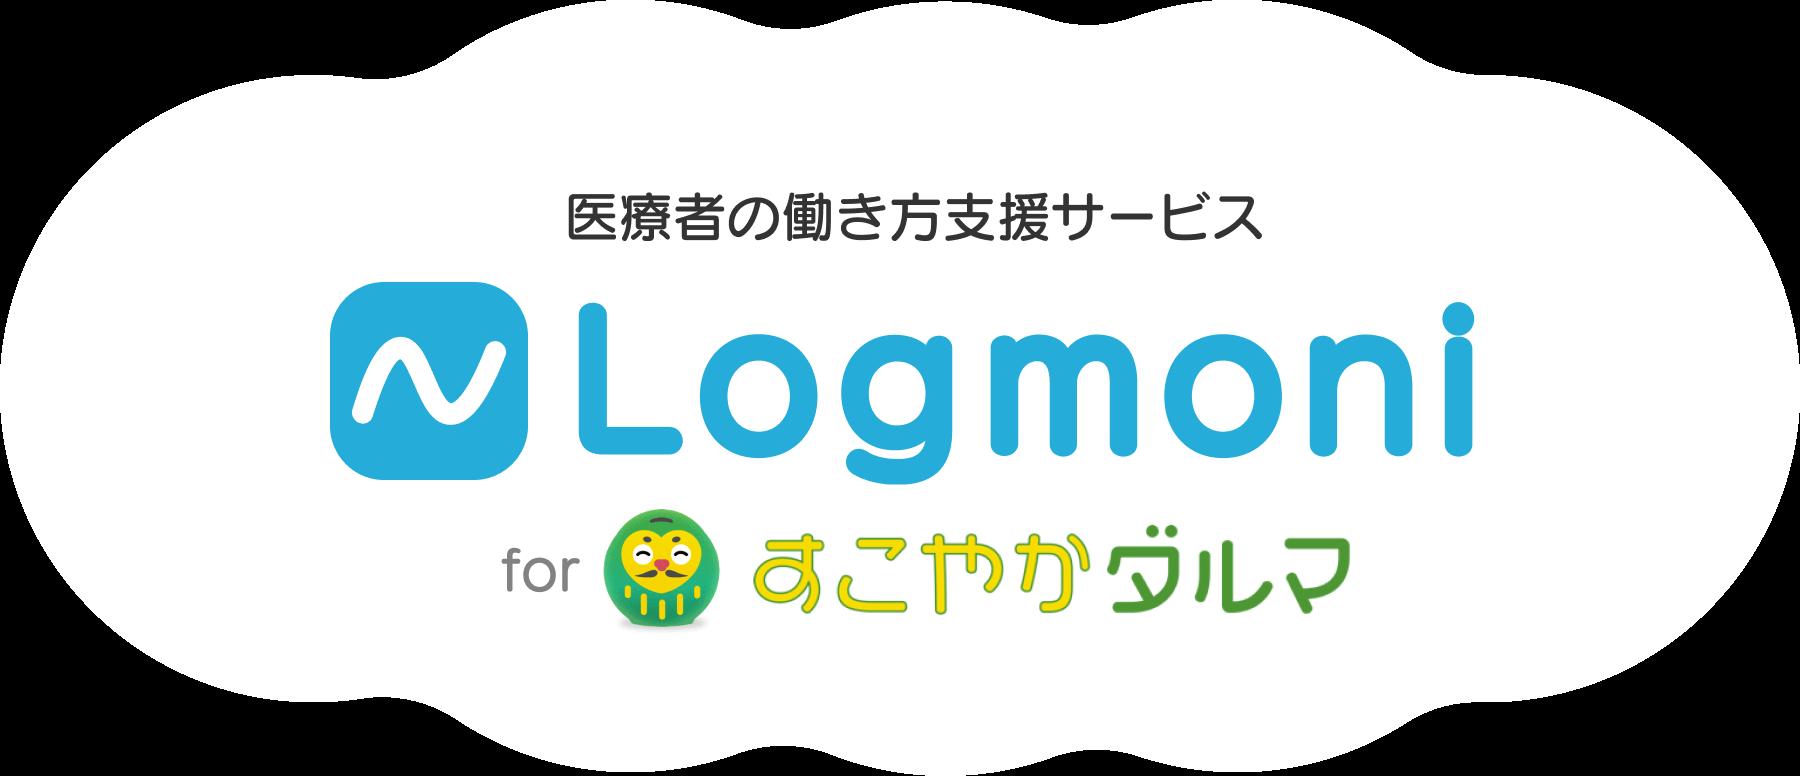 医療者の働き方支援サービス「Logmoni」for すこやかダルマ